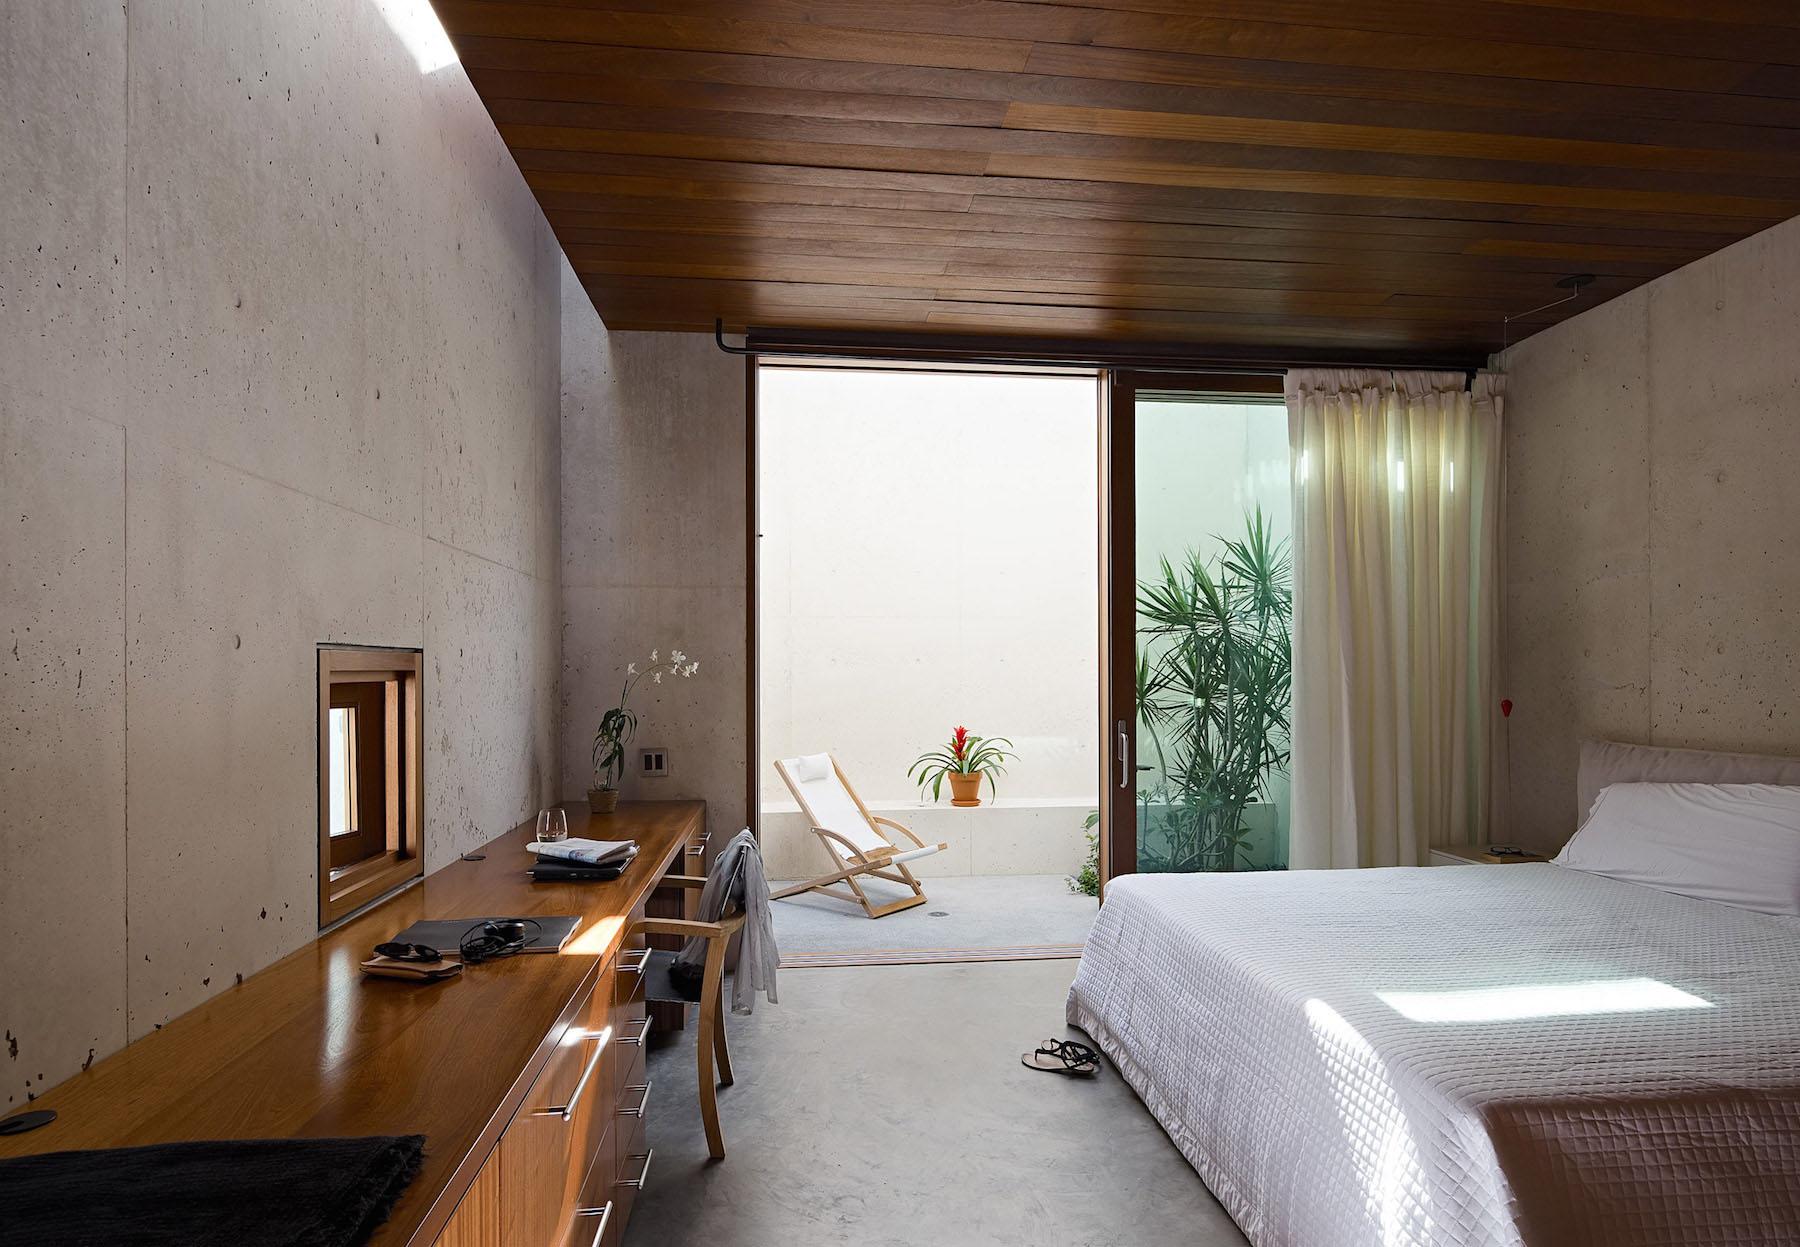 iGNANT-Architecture-Rick-Joy-Architects-La-Cabanon-21